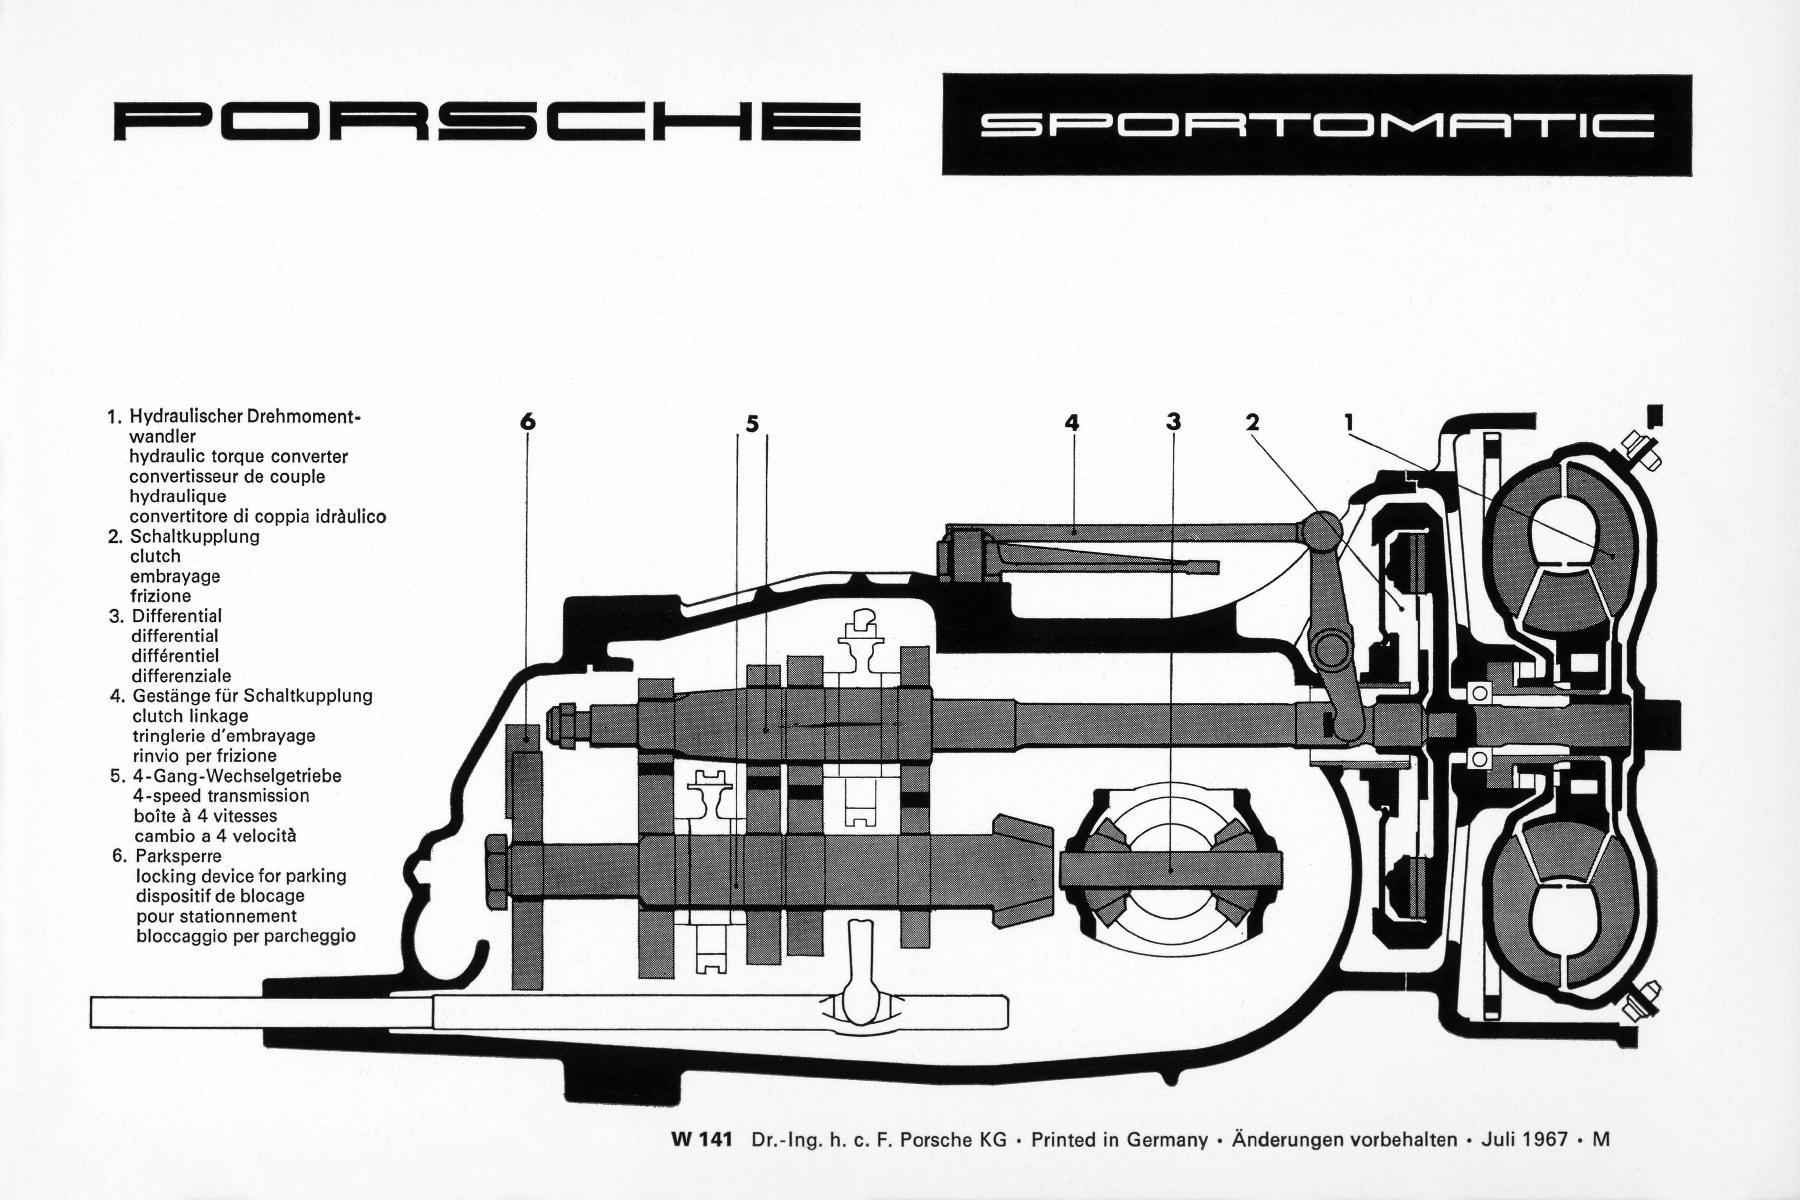 我们来谈谈法拉利和保时捷的那些奇怪的无离合器手动变速箱吧